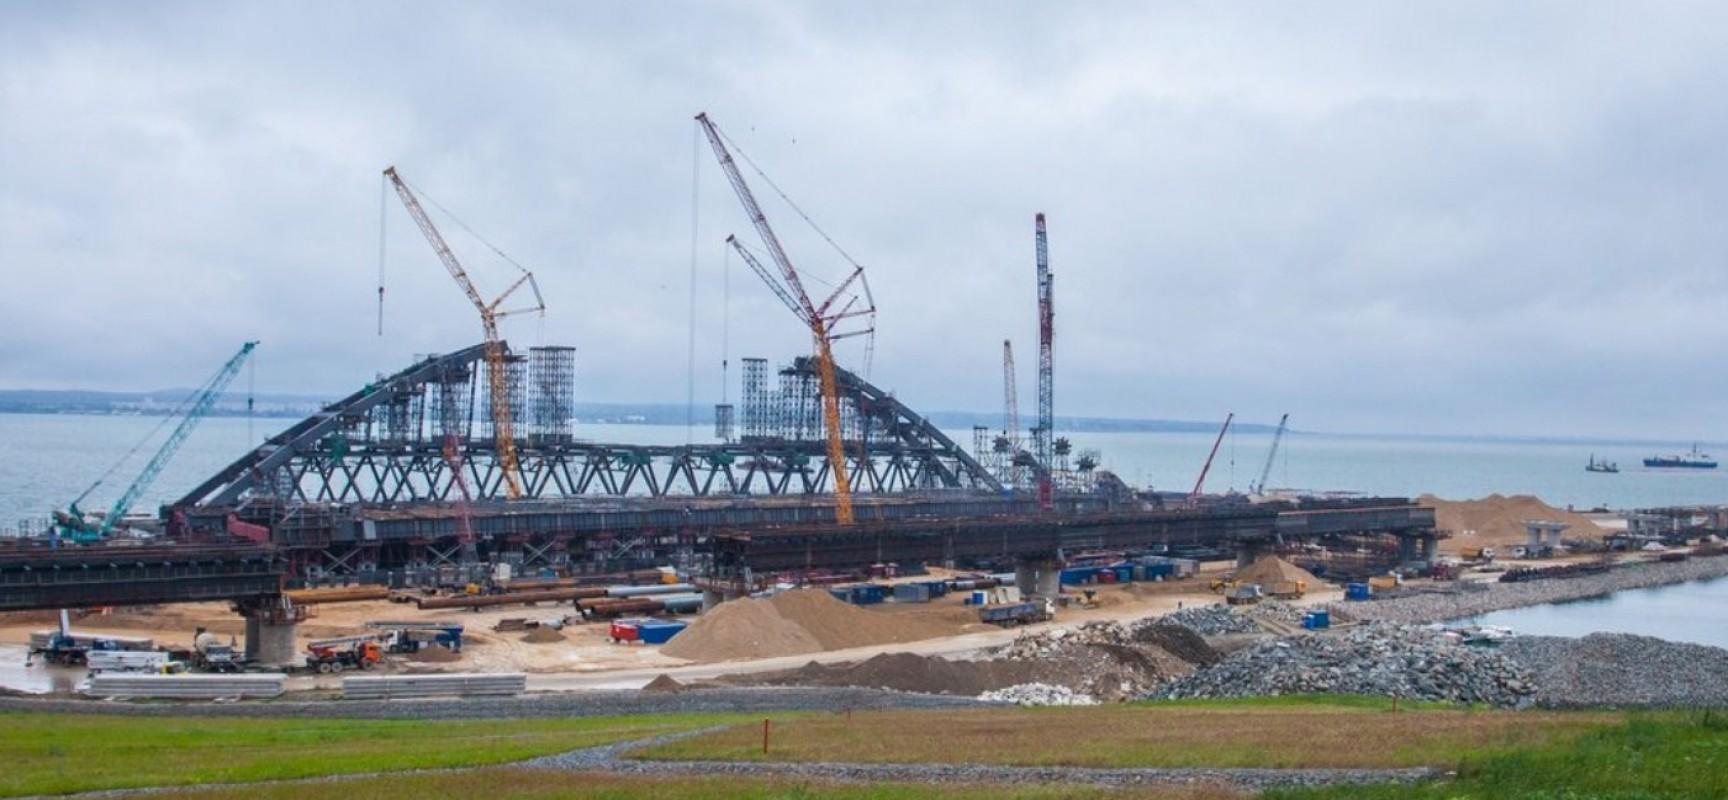 В августе фарватерные опоры будут готовы принять судоходные арки